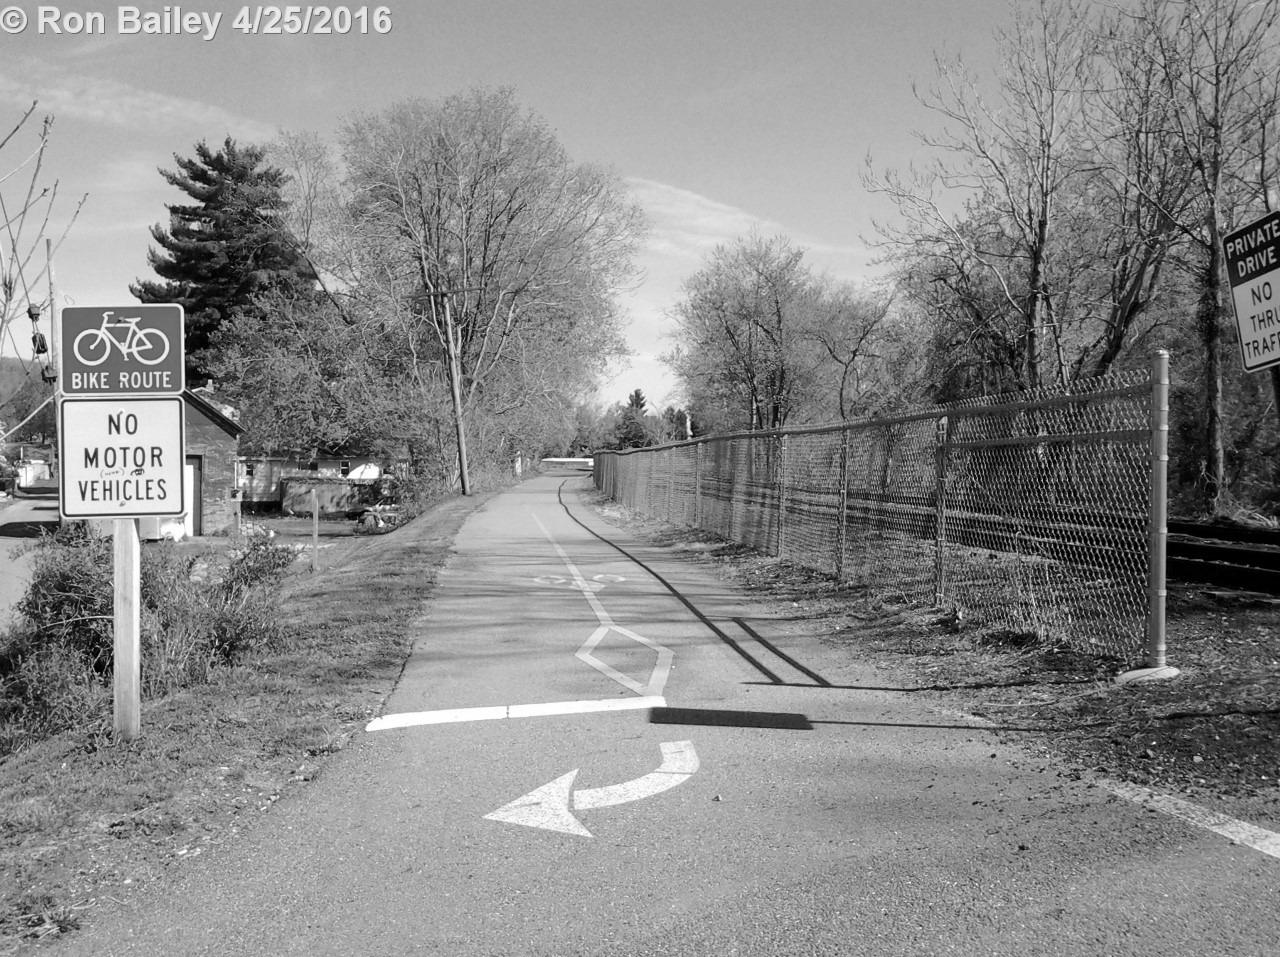 The trailhead for the bike path BW